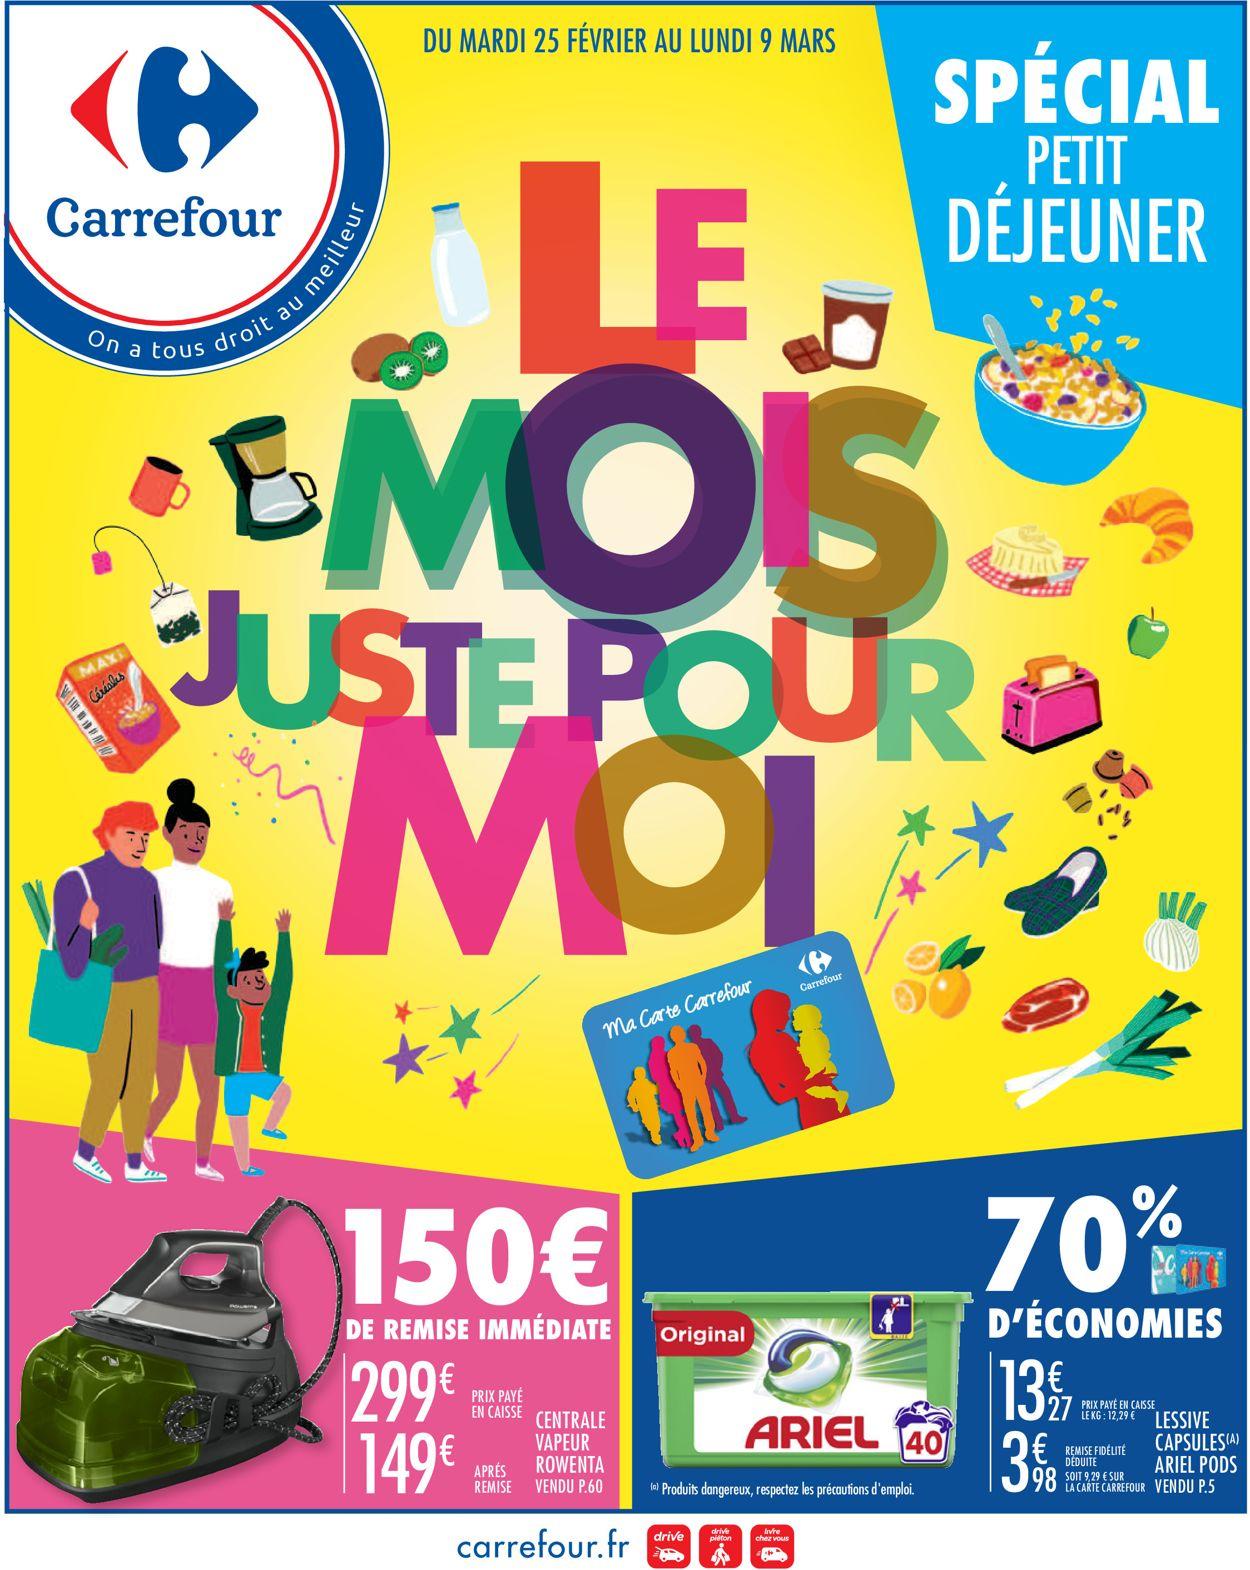 Carrefour Catalogue - 25.02-09.03.2020